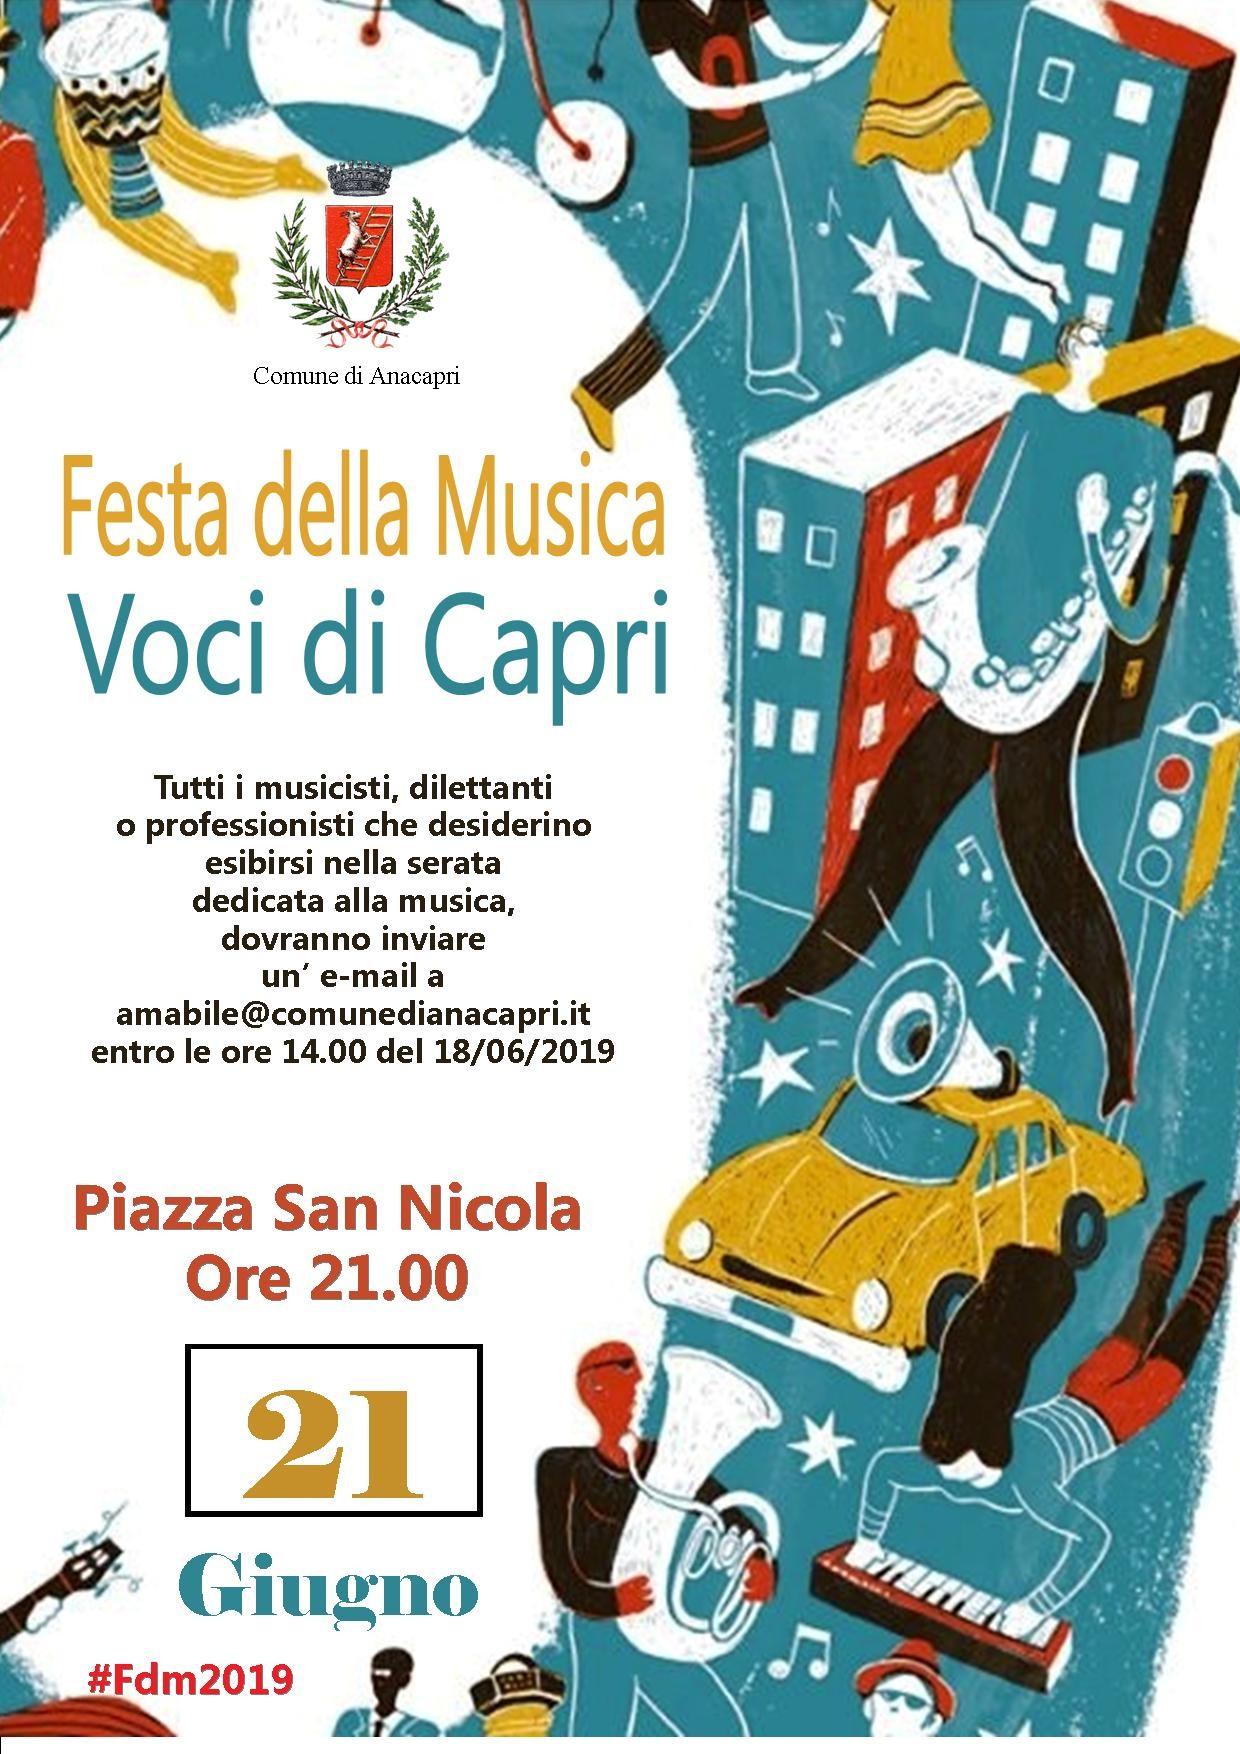 Festa della Musica - Voci di Capri